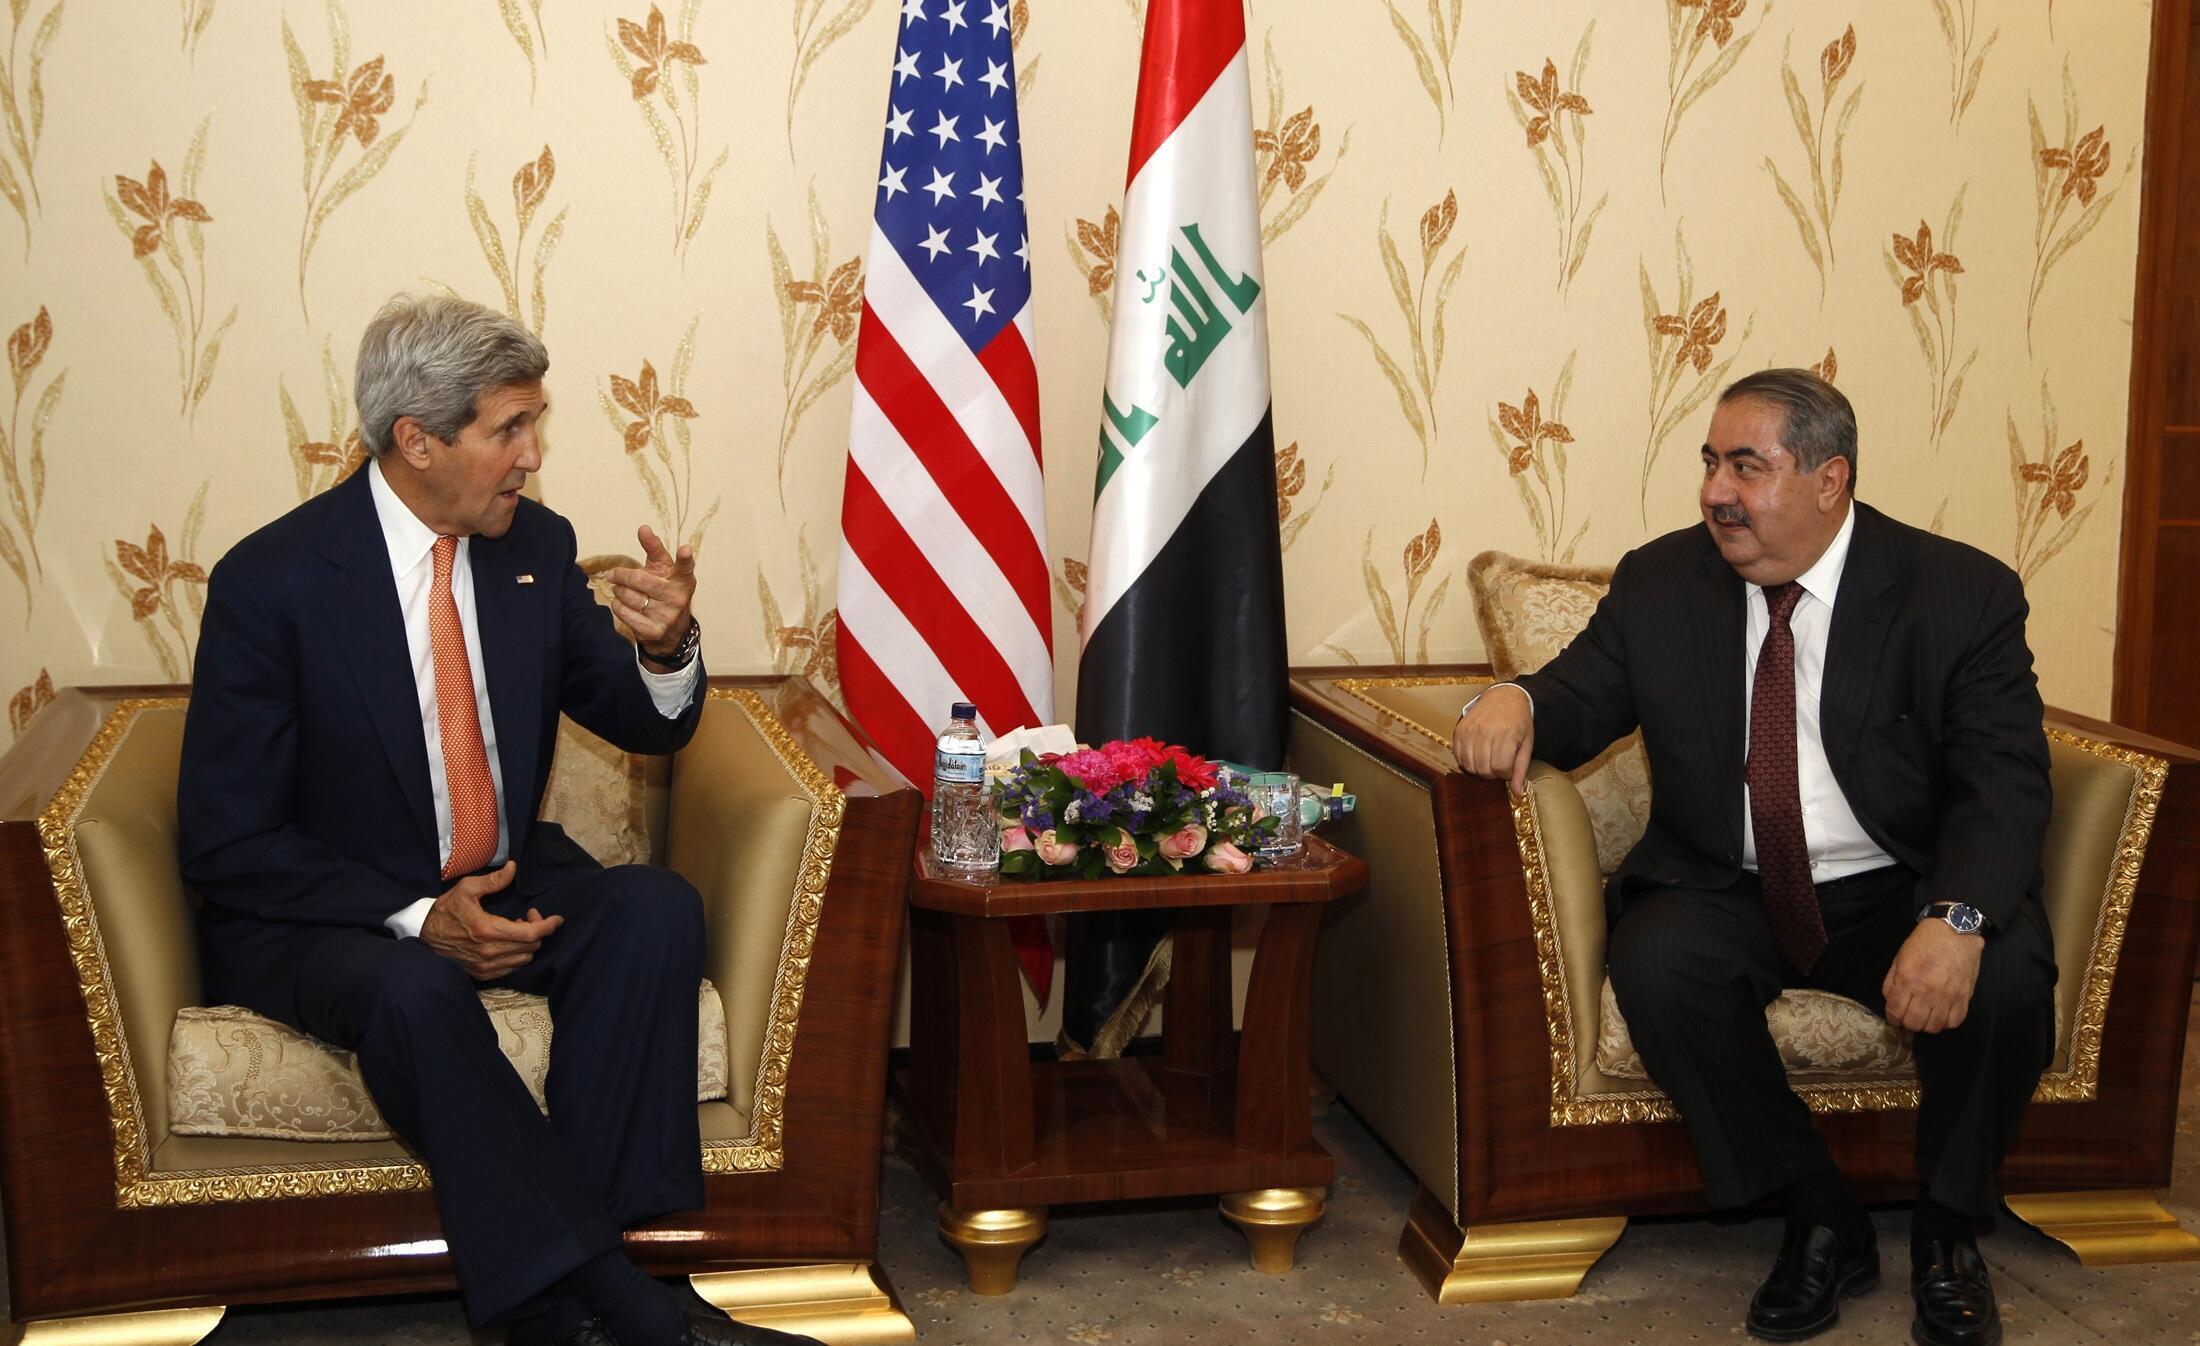 John Kerry et Hoshyar Zebari, homme politique kurde, ministre des Affaires étrangères de l'Irak, discutent à Bagdad de l'avancée de l'EIIL dans l'ouest du pays, le 23 juin 2014.